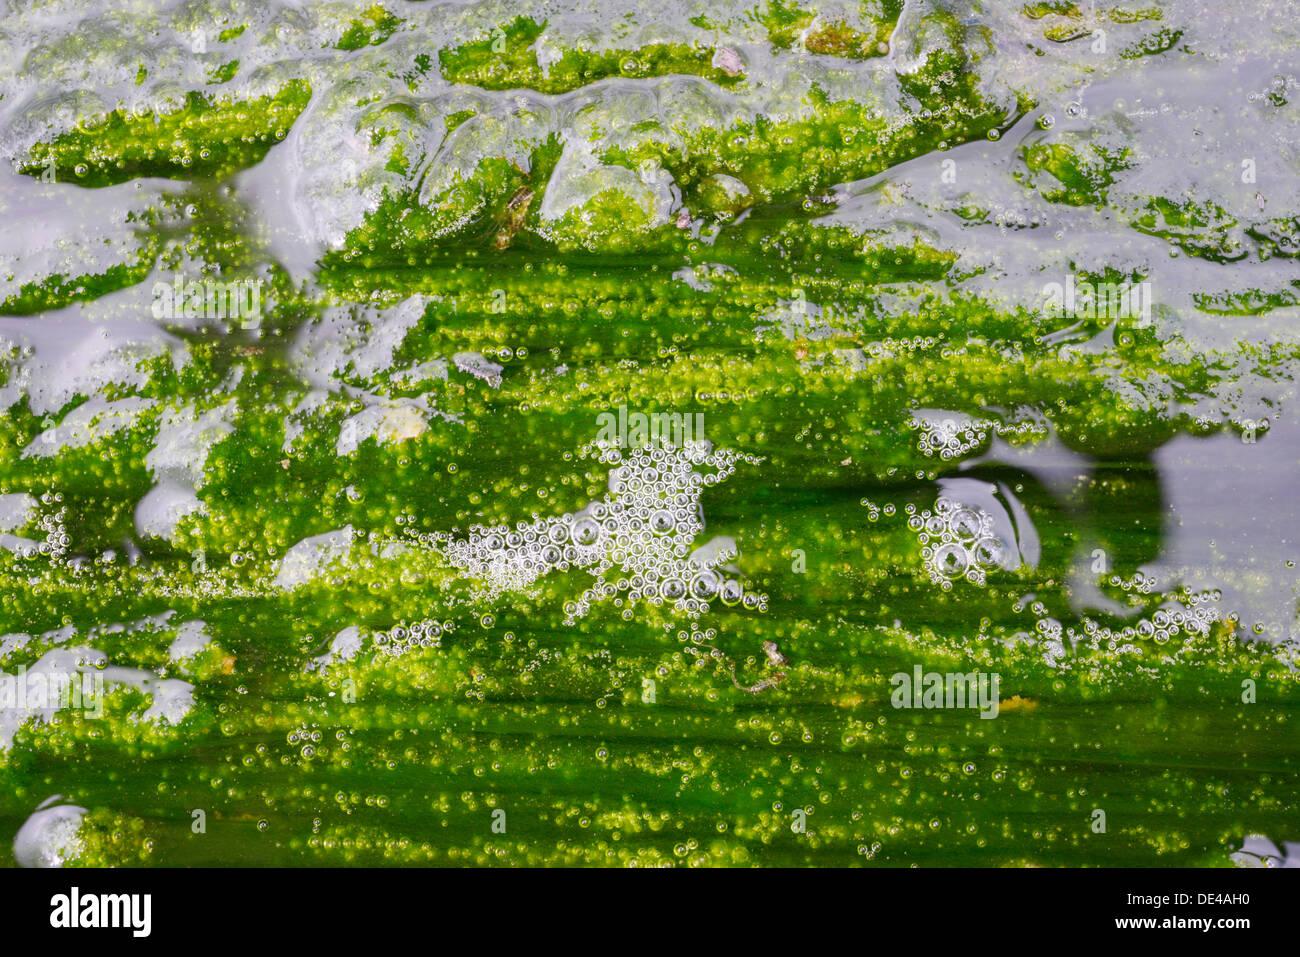 Jusqu'AClose de prolifération des algues dans l'écosystème de la rivière d'eau douce montrant des bulles de gaz de l'oxygène produit par la photosynthèse, Pays de Galles, Royaume-Uni. Photo Stock